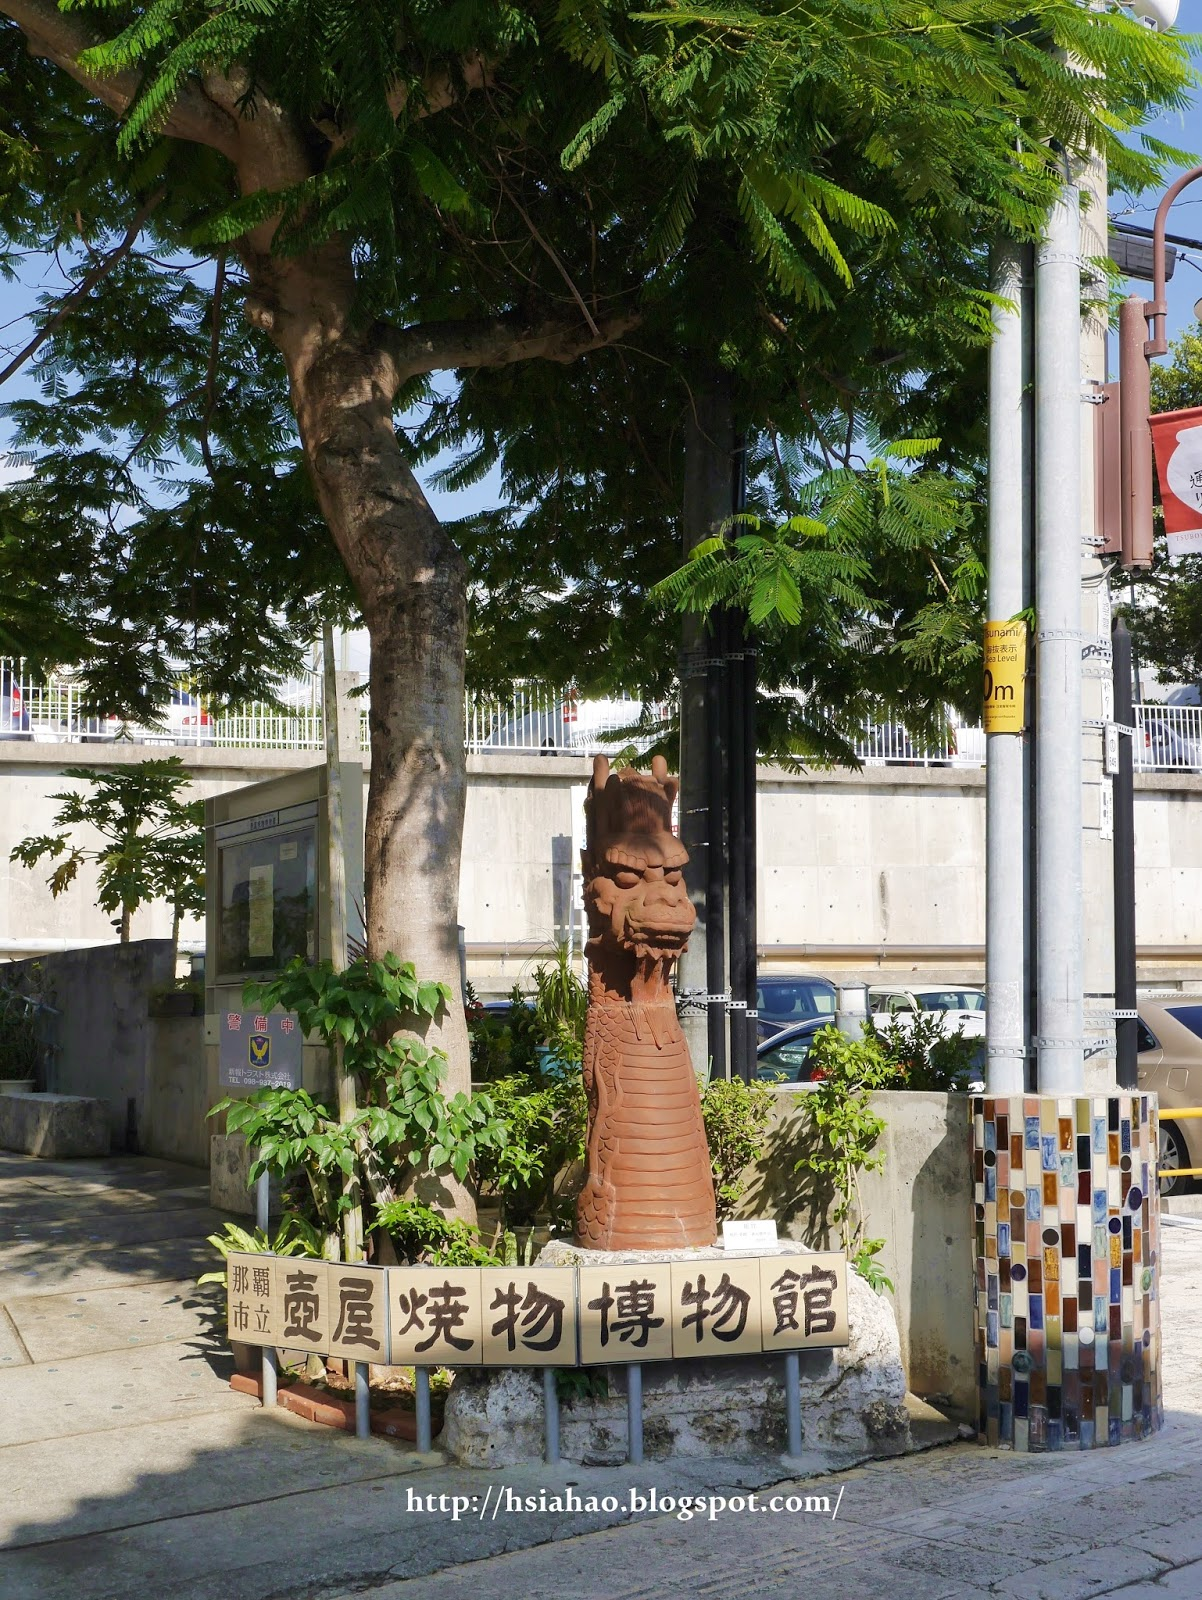 沖繩-那霸市立壺屋燒物博物館-國際通-國際通景點-自由行-Okinawa-Naha-Municipal-Tsuboya-pottery-Museum